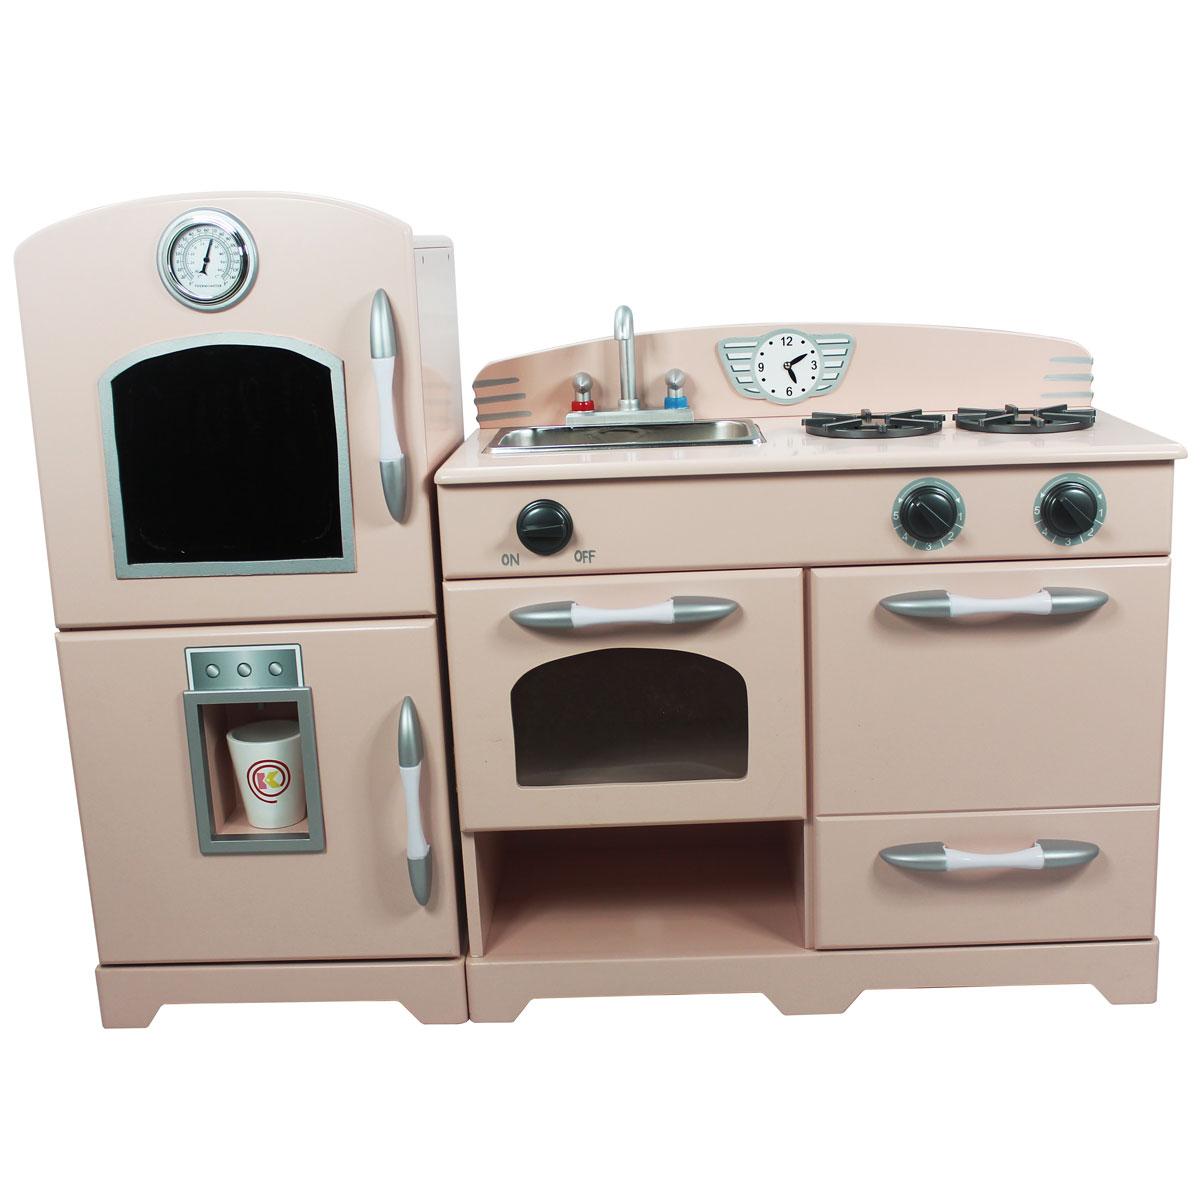 KinderkUche Holz Auf Rechnung ~ Kinderküche Amp Kaufladen Aus Holz Pictures to pin on Pinterest